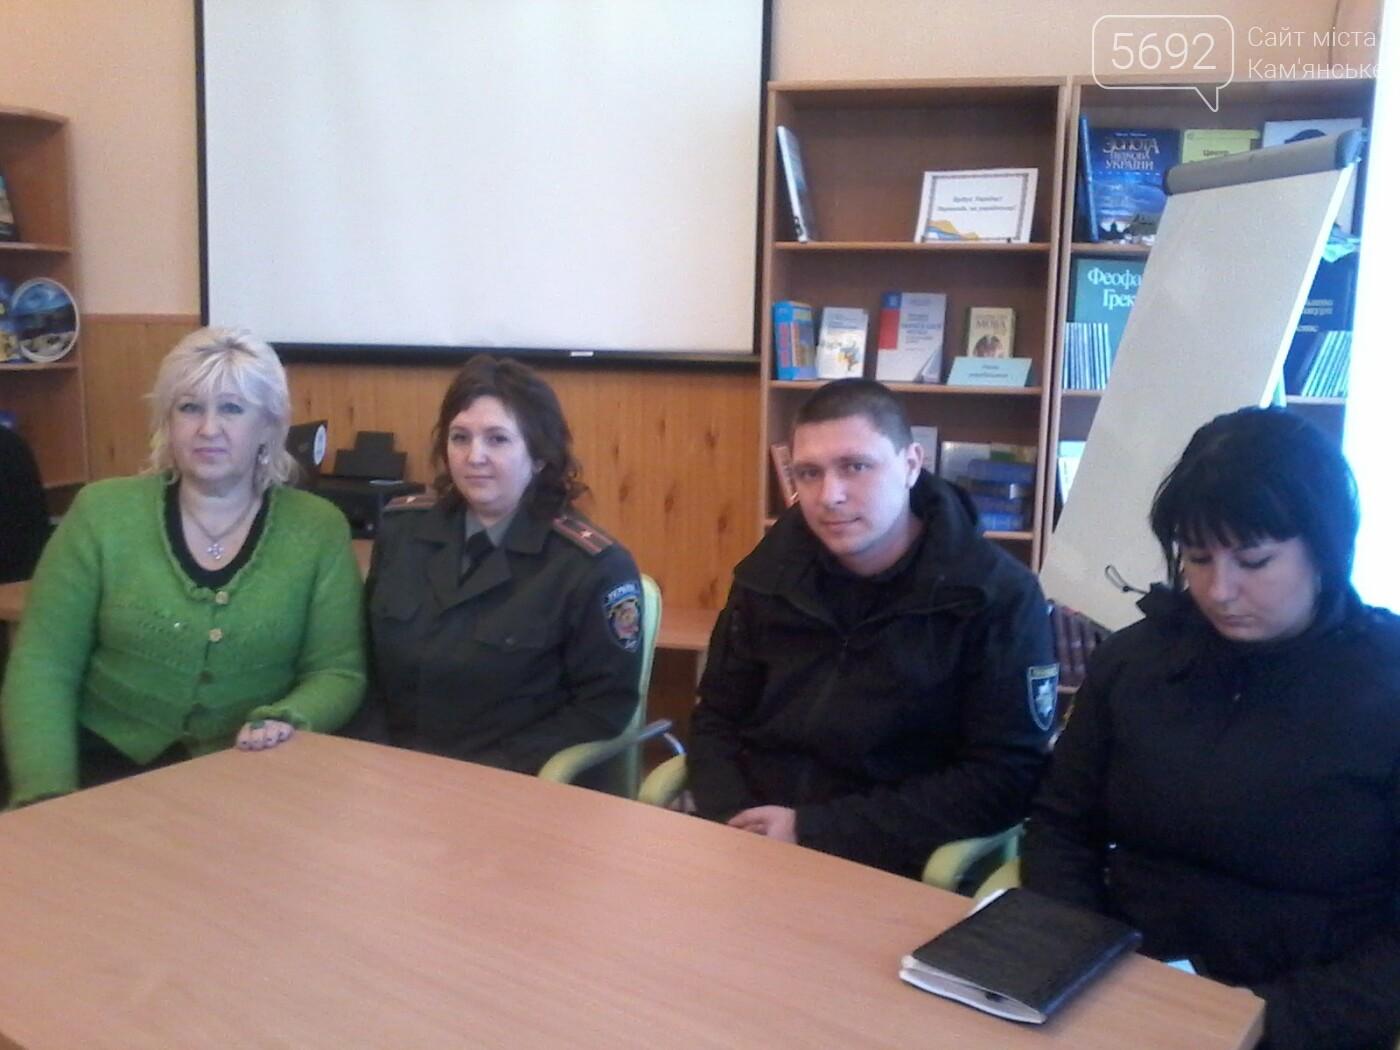 В Центральной библиотеке каменчане узнали о своих правах, фото-2